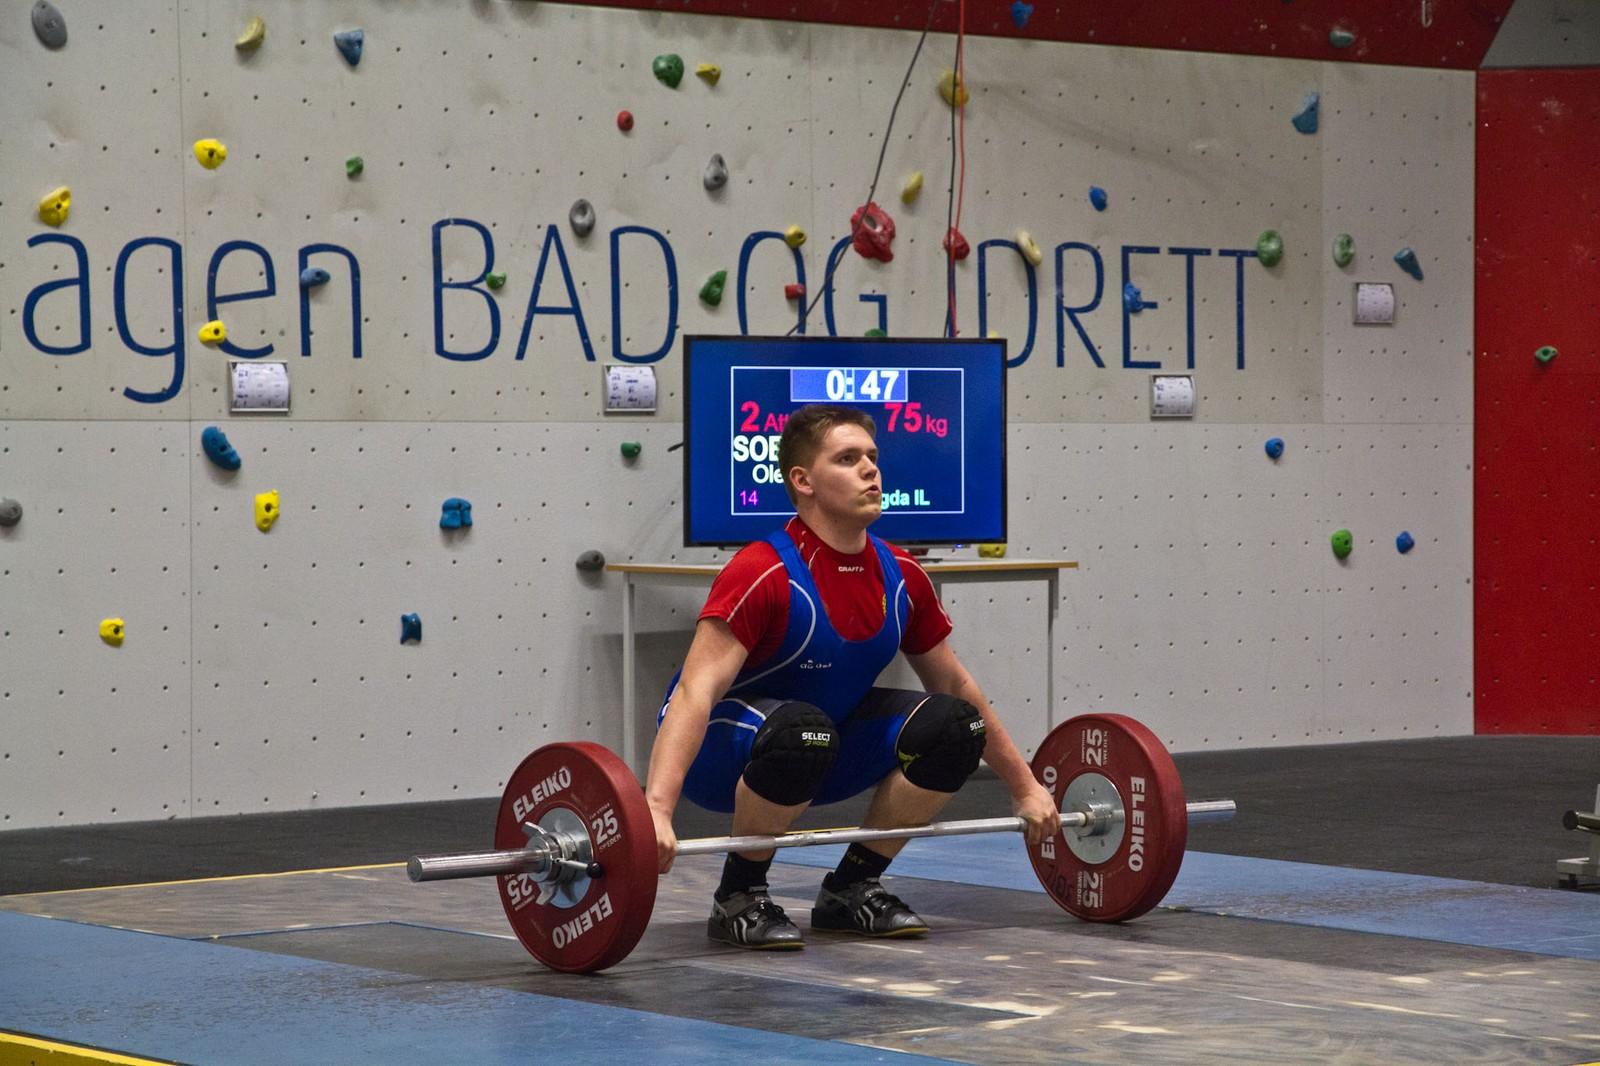 Ole-Kristoffer Sørland fekk opp 75kg i rykk og 97 kilo i støt. Det gav han 37. plass i Norgescupstemnet.